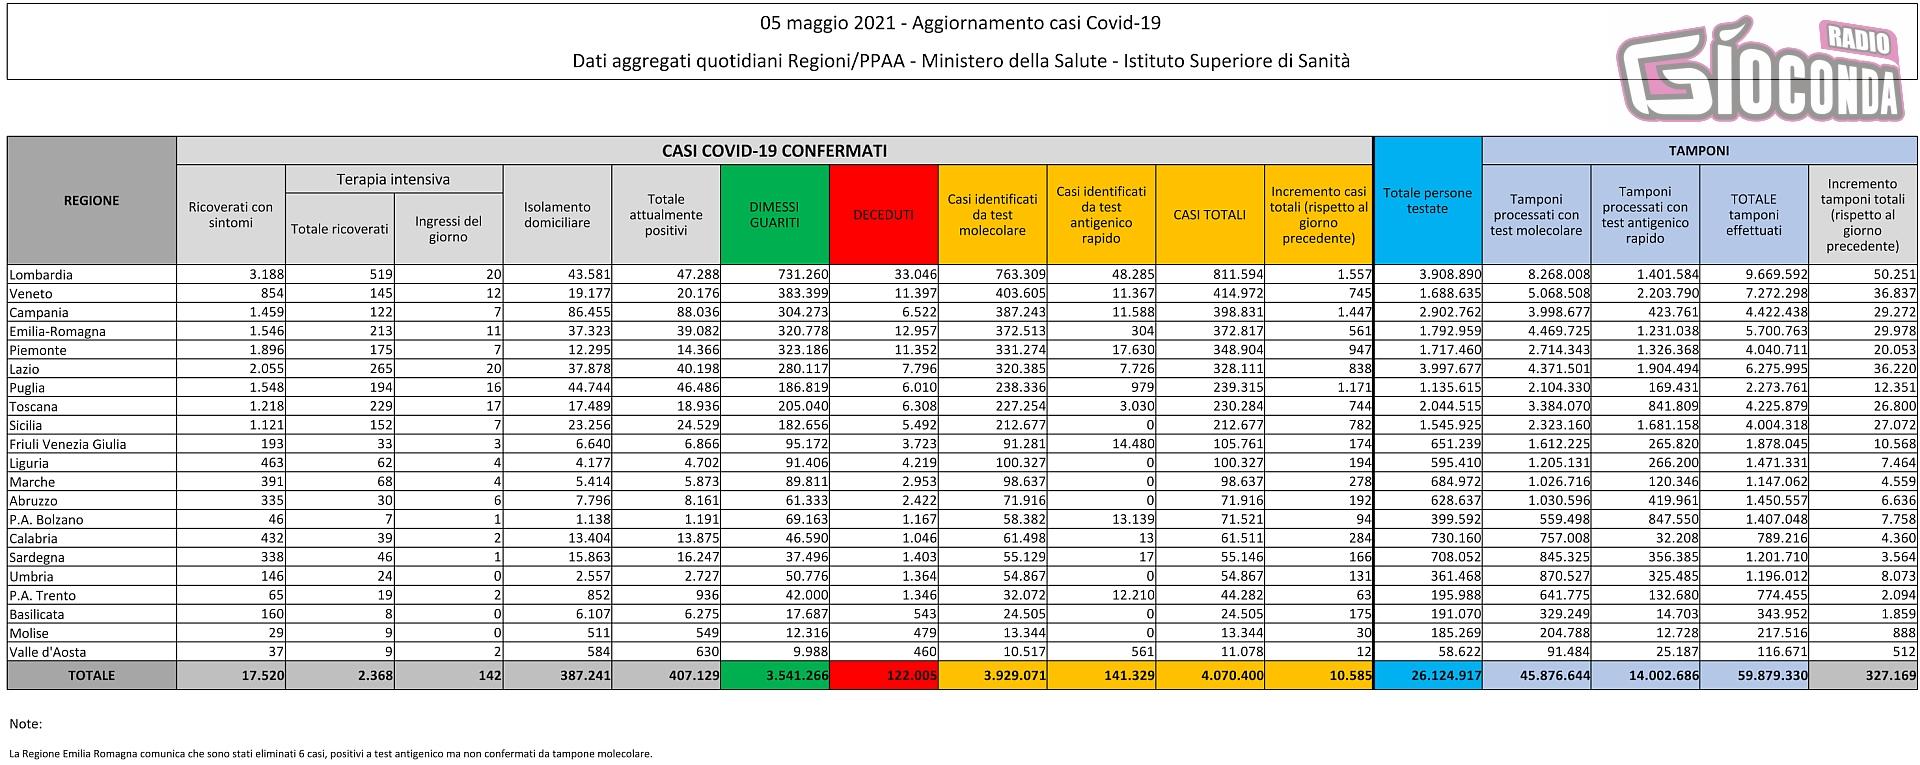 5 maggio 2021 - Aggiornamento casi Covid-19 Dati aggregati quotidiani Regioni/PPAA - Ministero della Salute - Istituto Superiore di Sanità